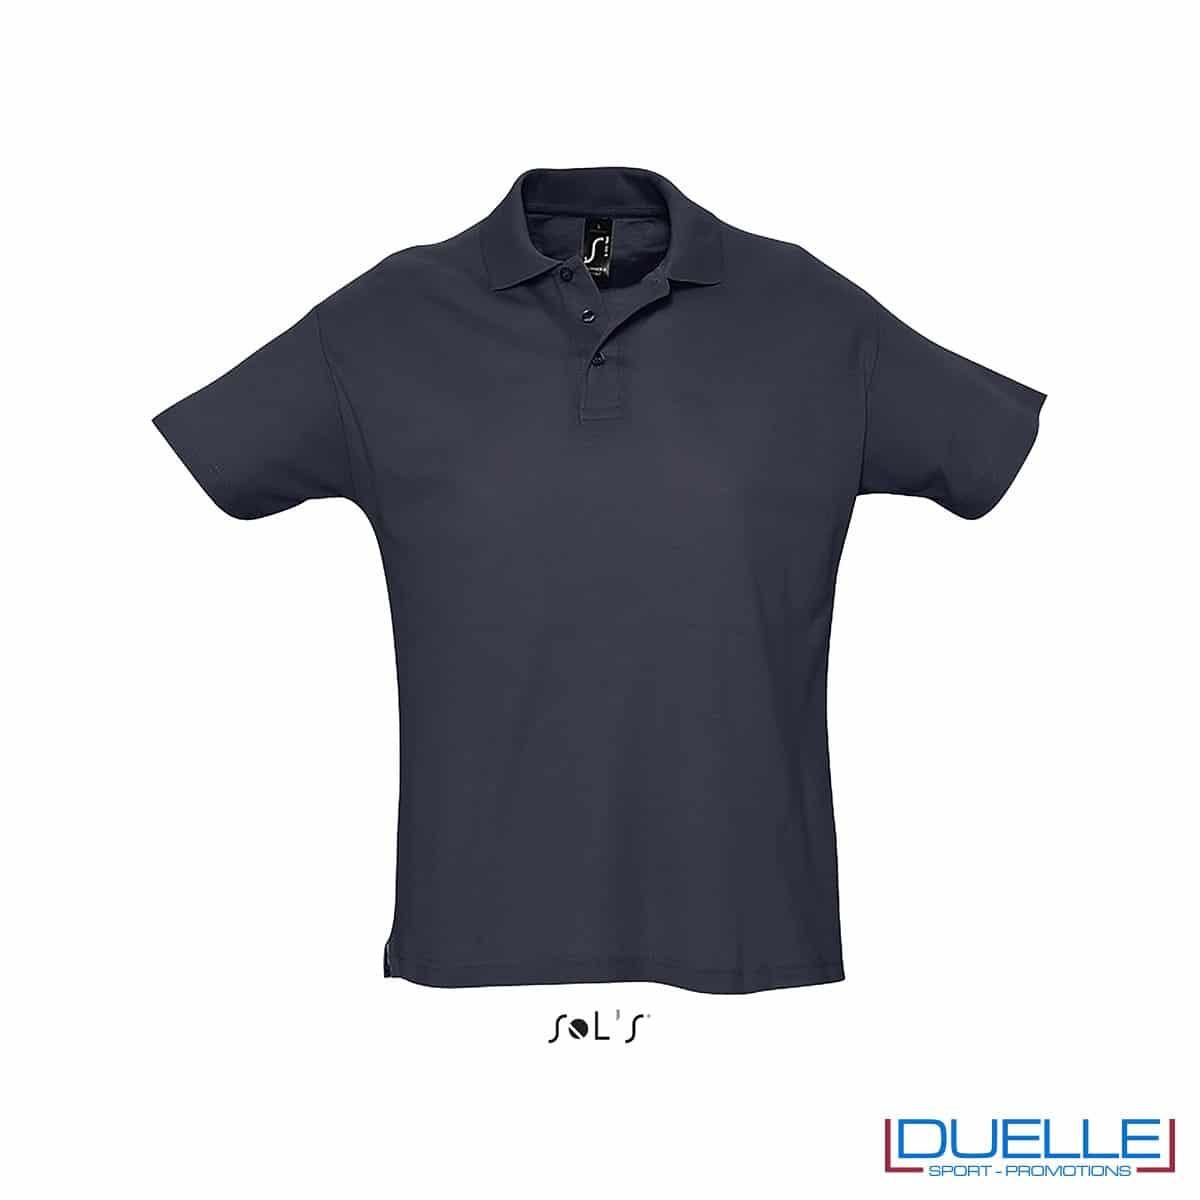 polo personalizzata colore blu navy, polo piquet personalizzata